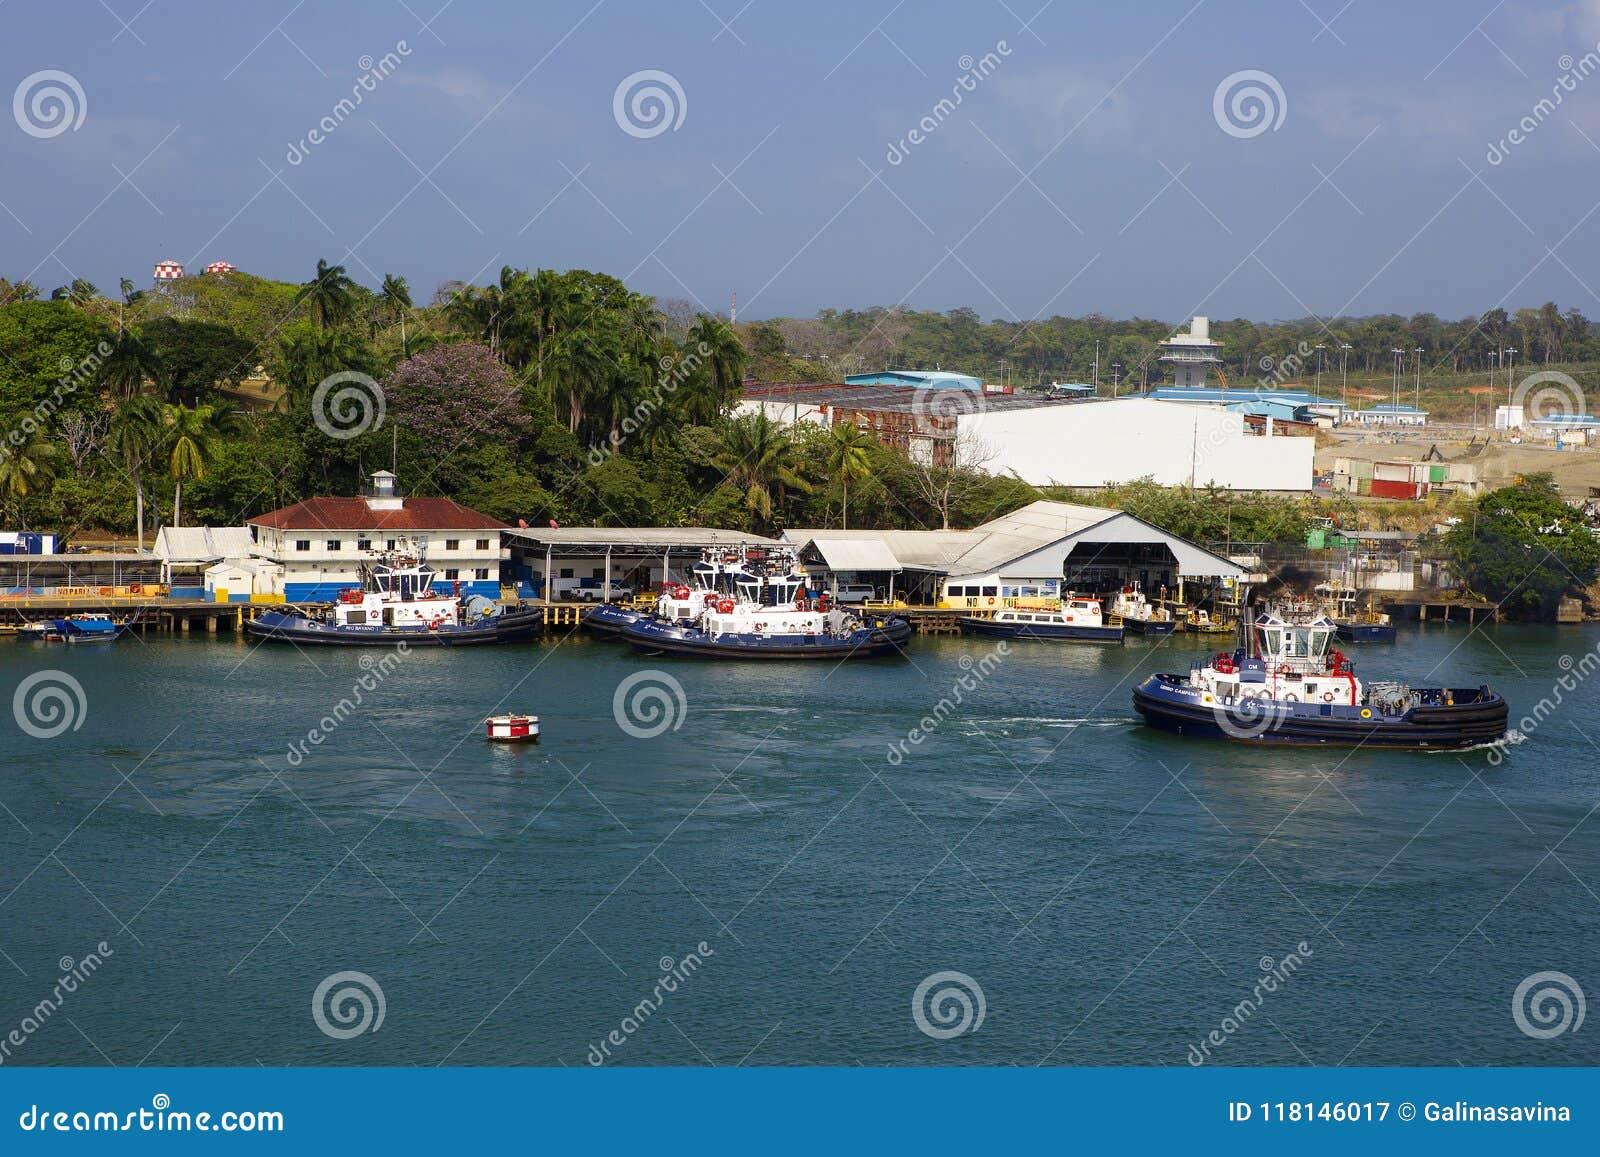 Canal do Panamá, rebocador